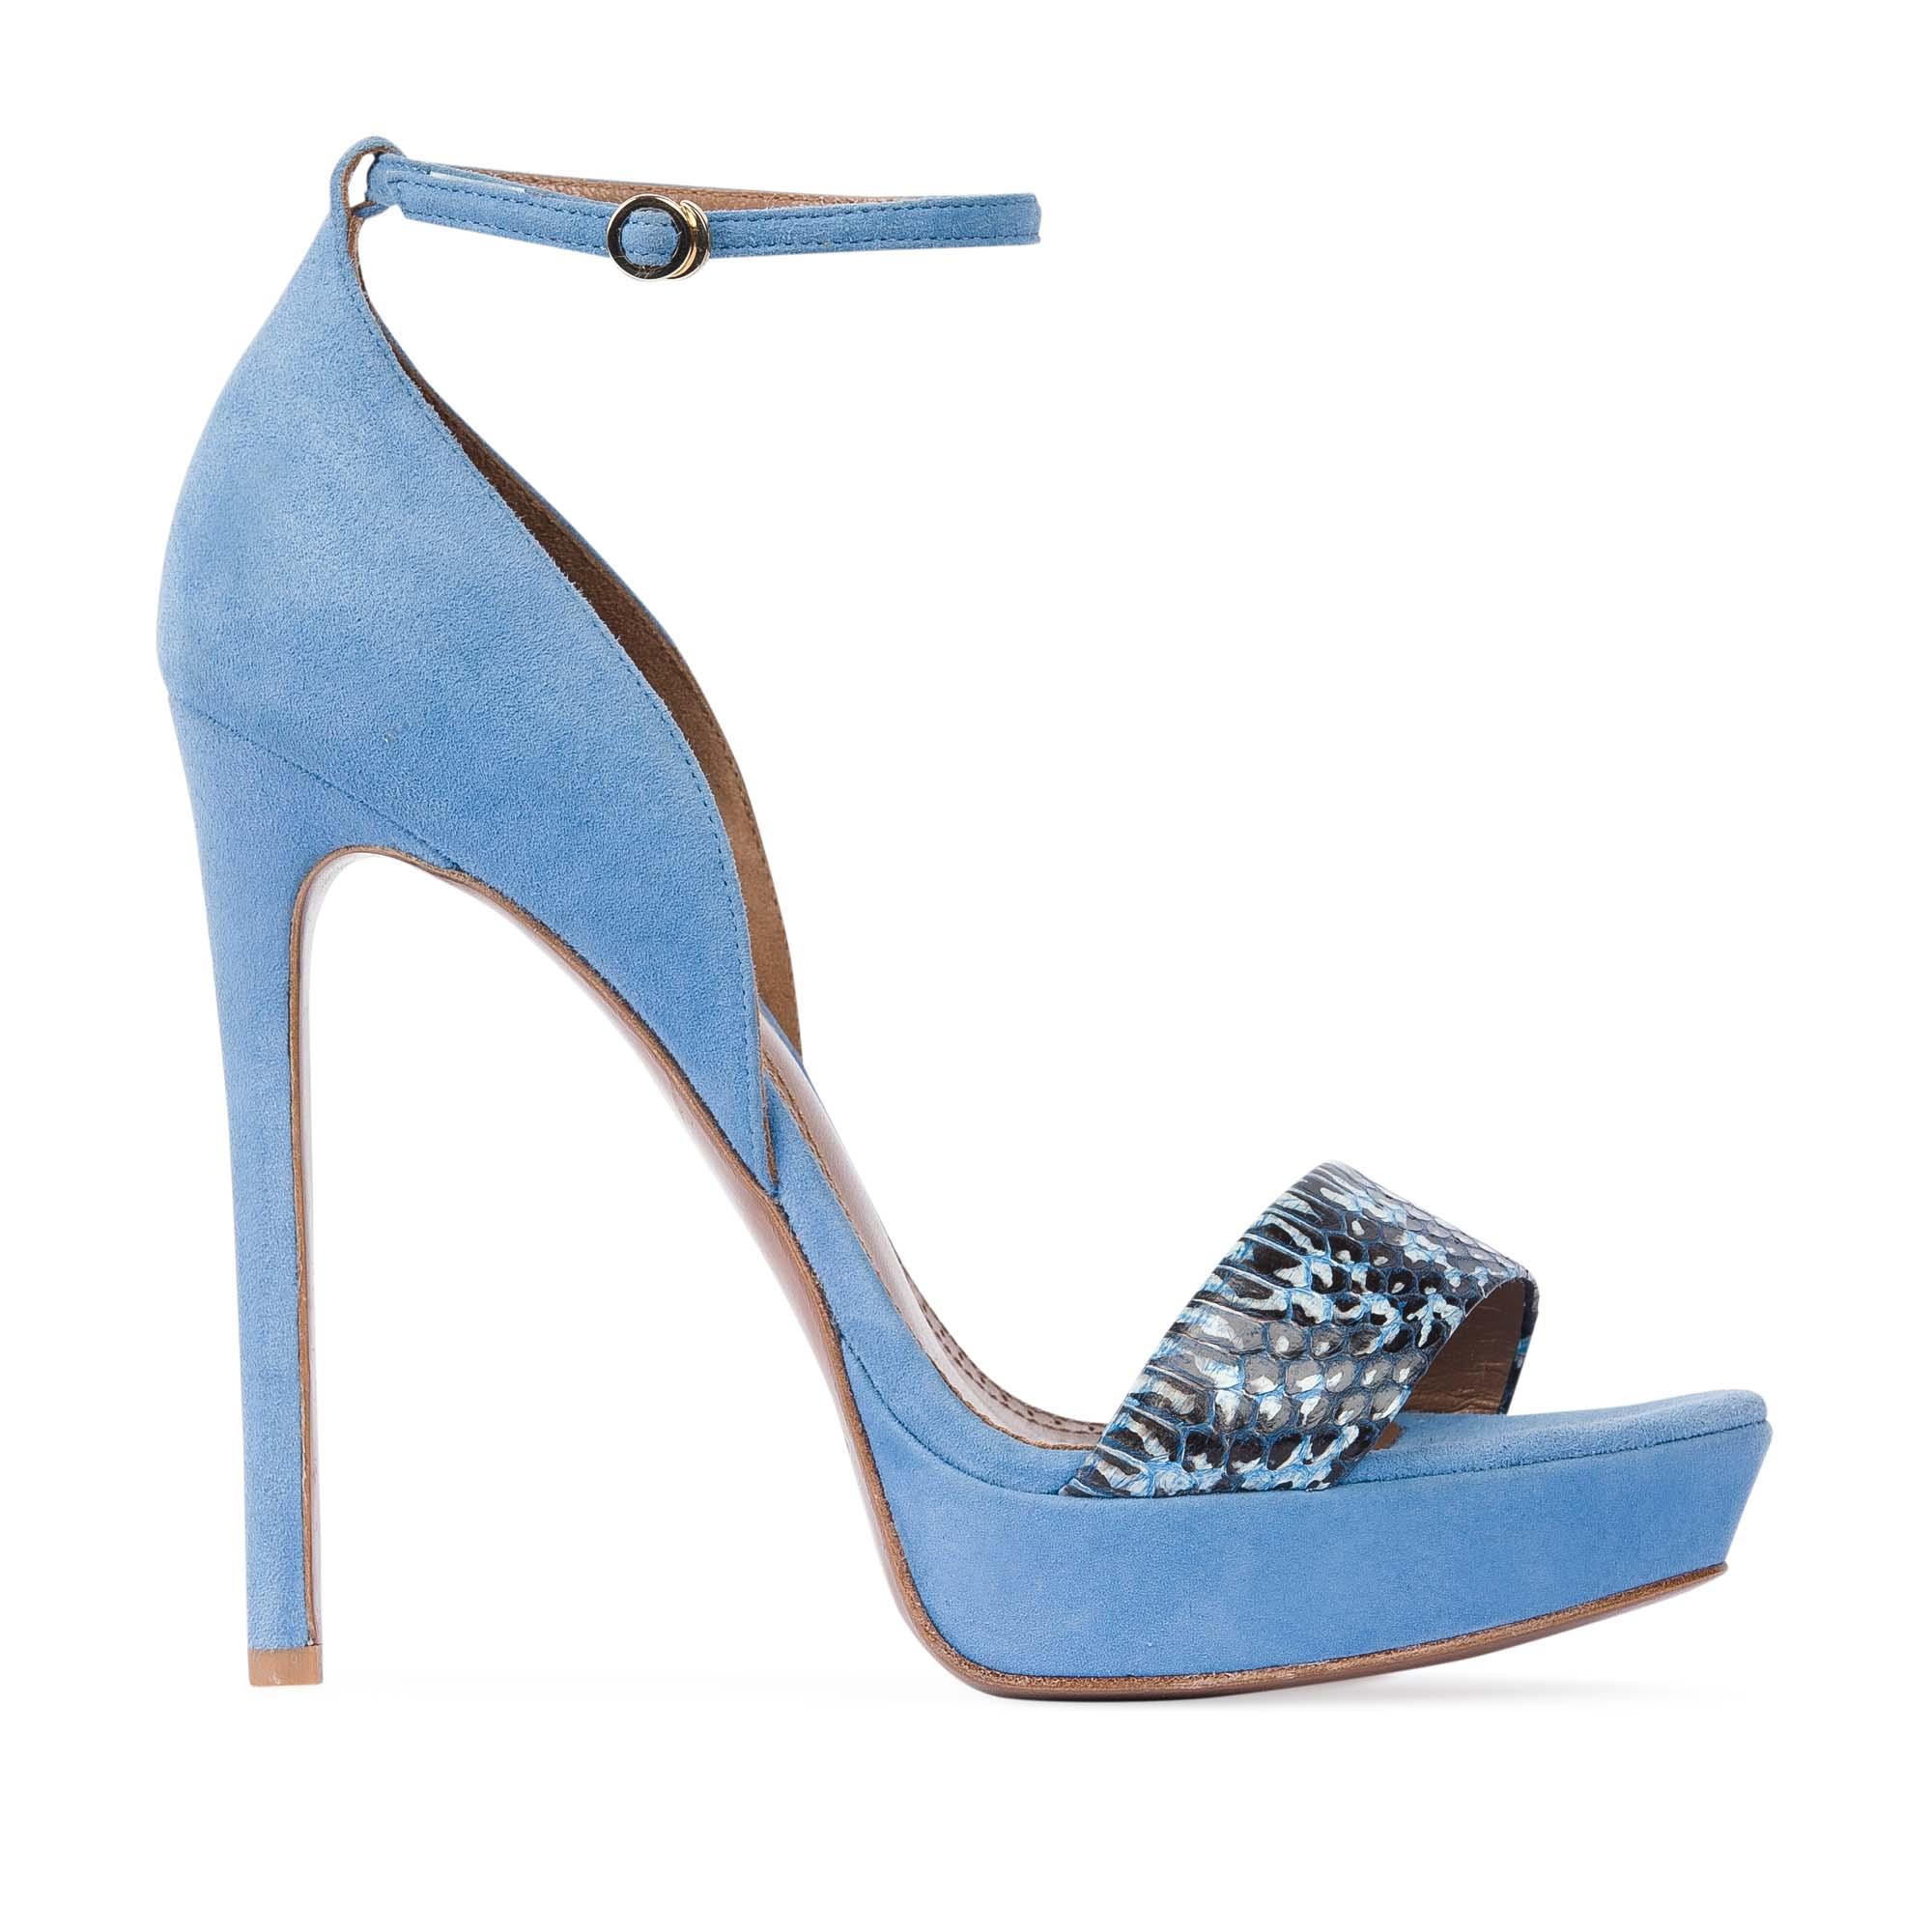 Замшевые босоножки небесно-голубого цвета с вставкой из змеиной кожиТуфли женские<br><br>Материал верха: Замша<br>Материал подкладки: Кожа<br>Материал подошвы: Кожа<br>Цвет: Голубой<br>Высота каблука: 13 см<br>Дизайн: Италия<br>Страна производства: Китай<br><br>Высота каблука: 13 см<br>Материал верха: Замша<br>Материал подкладки: Кожа<br>Цвет: Голубой<br>Вес кг: 0.53600000<br>Размер: 40**